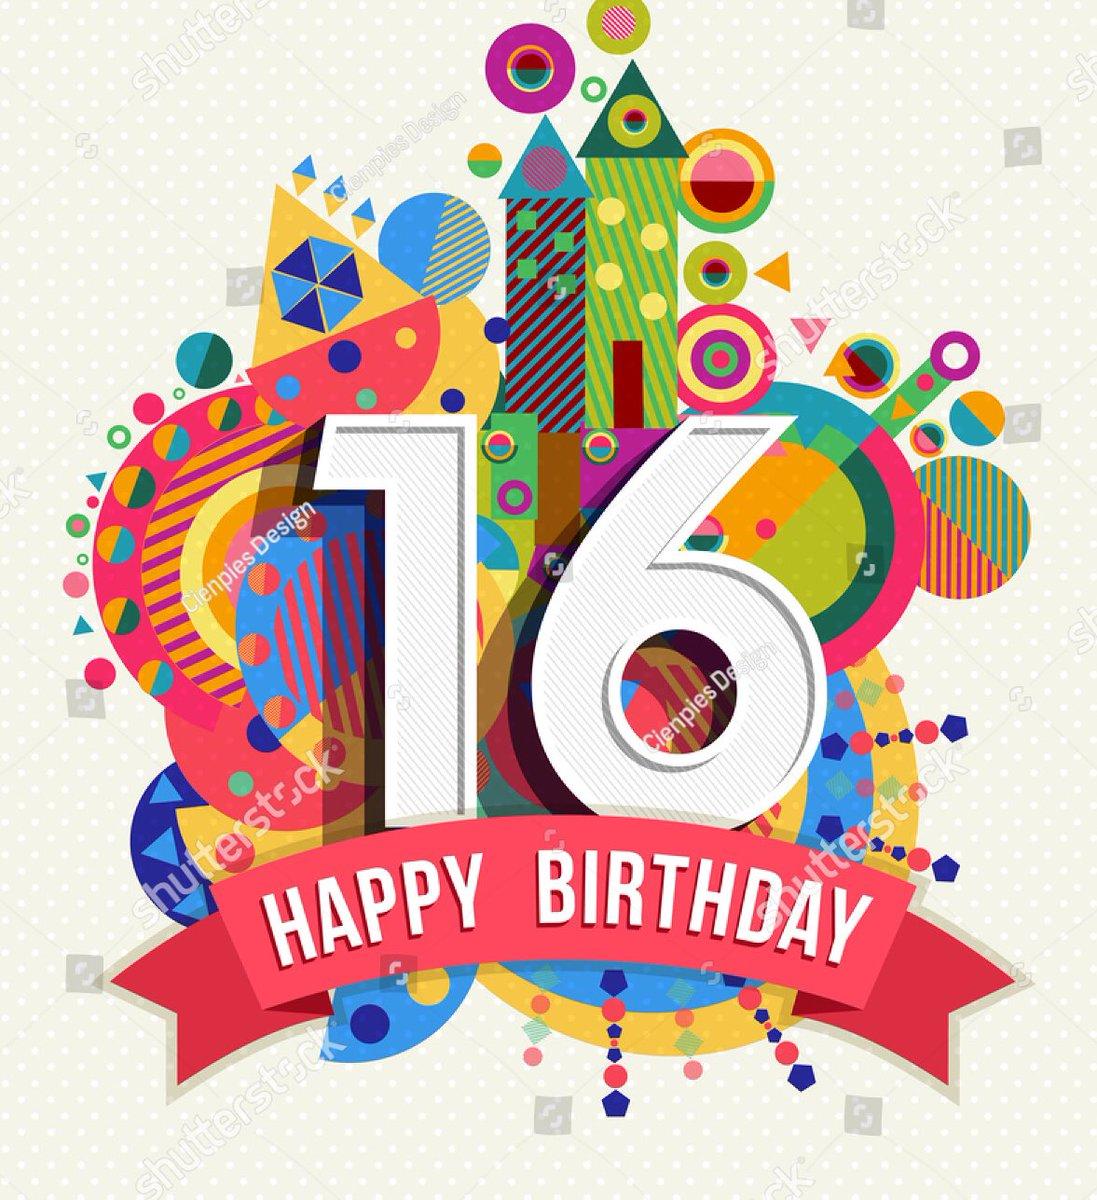 Поздравление с днем рождения мальчику 16 лет картинки